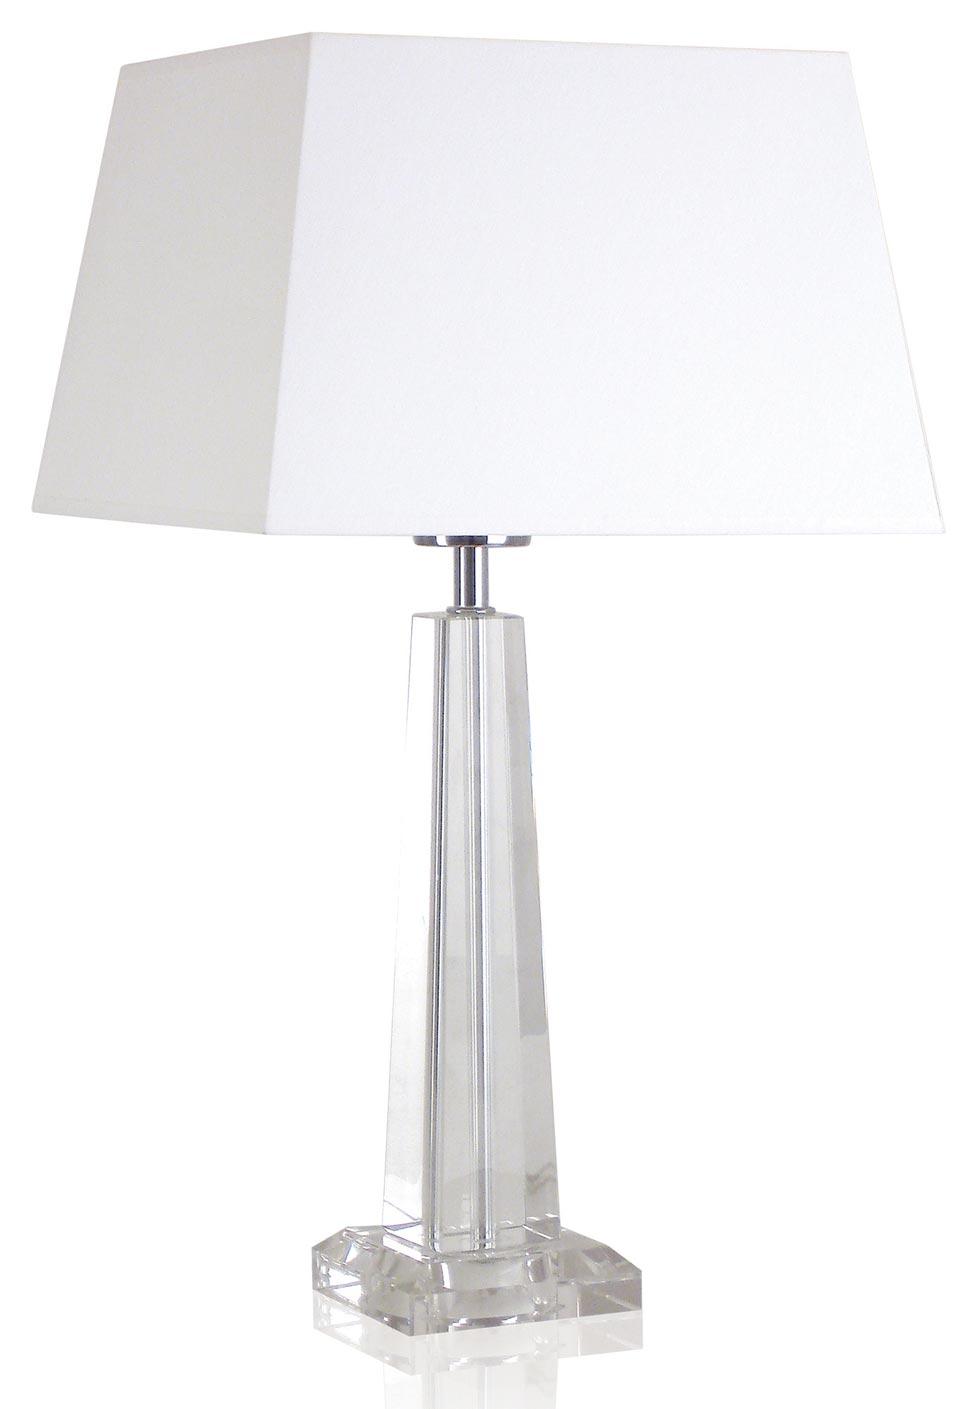 Lampe forme pyramide en verre optique  Hilary B . Le Dauphin.